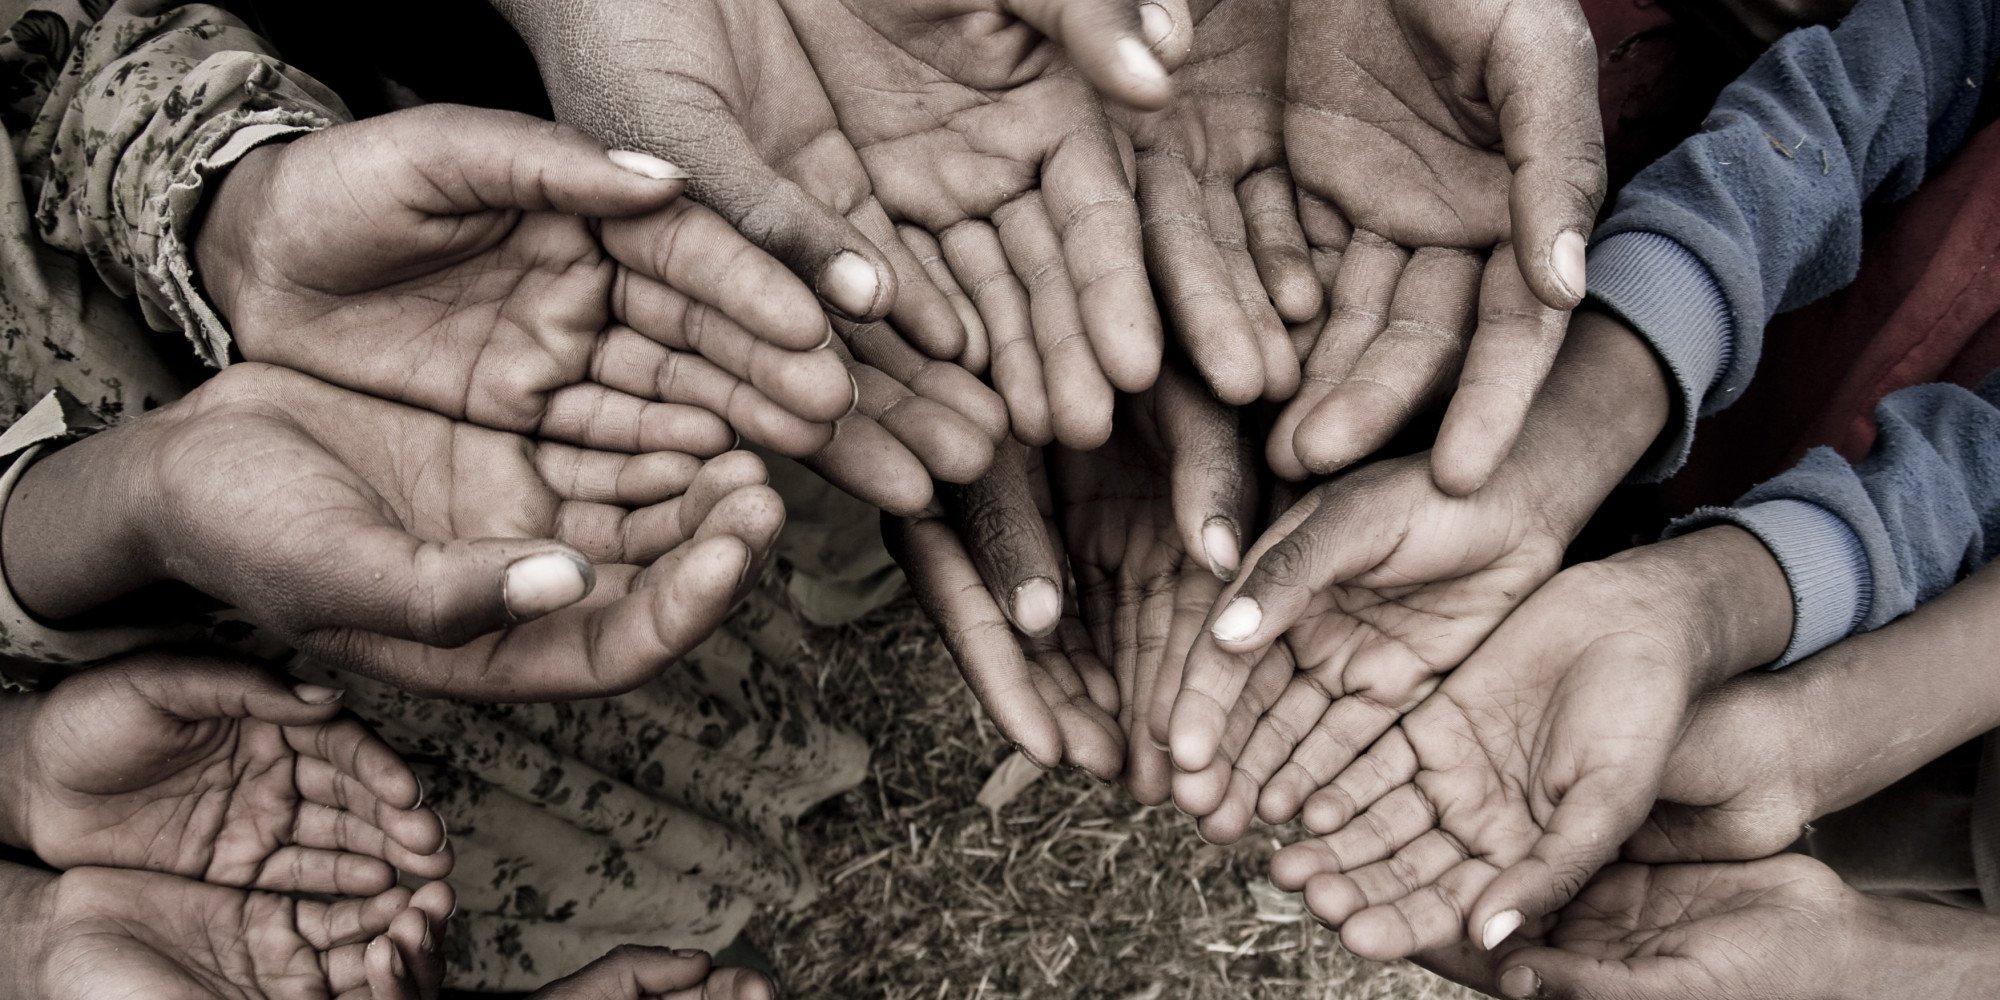 цвет картинка про бедность полиуретана это